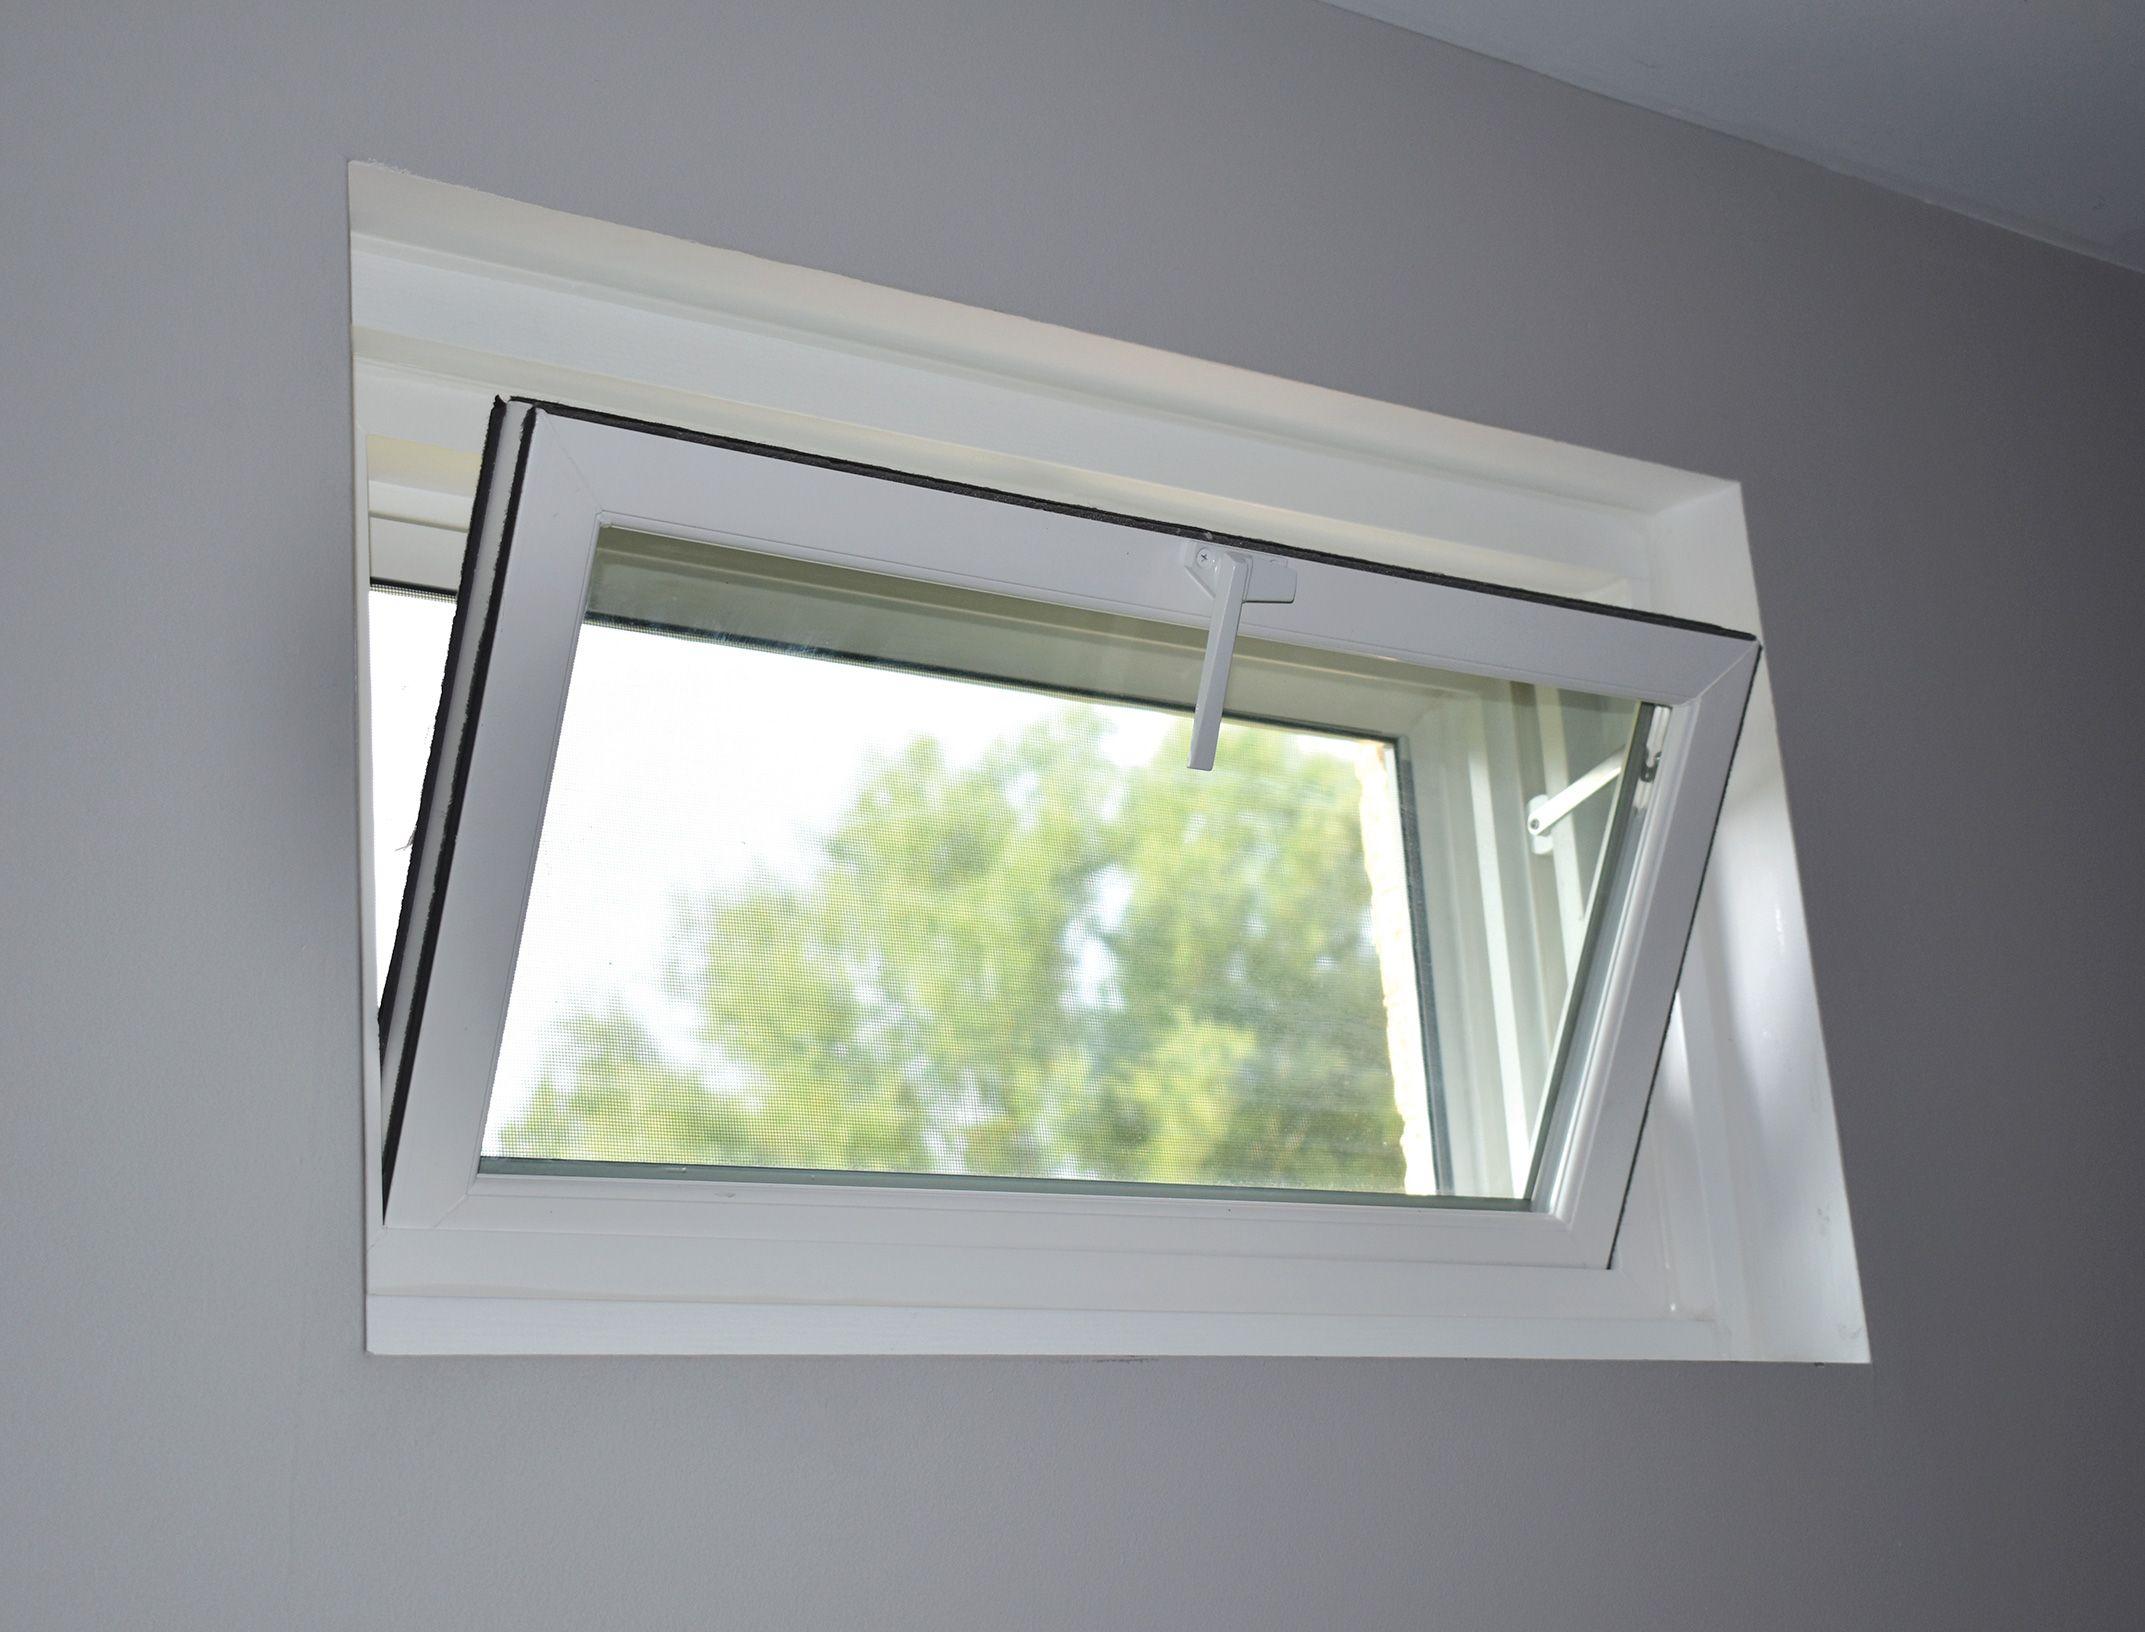 Basement Windows Home Depot In 2020 Basement Windows Basement Hopper Windows Window Cost